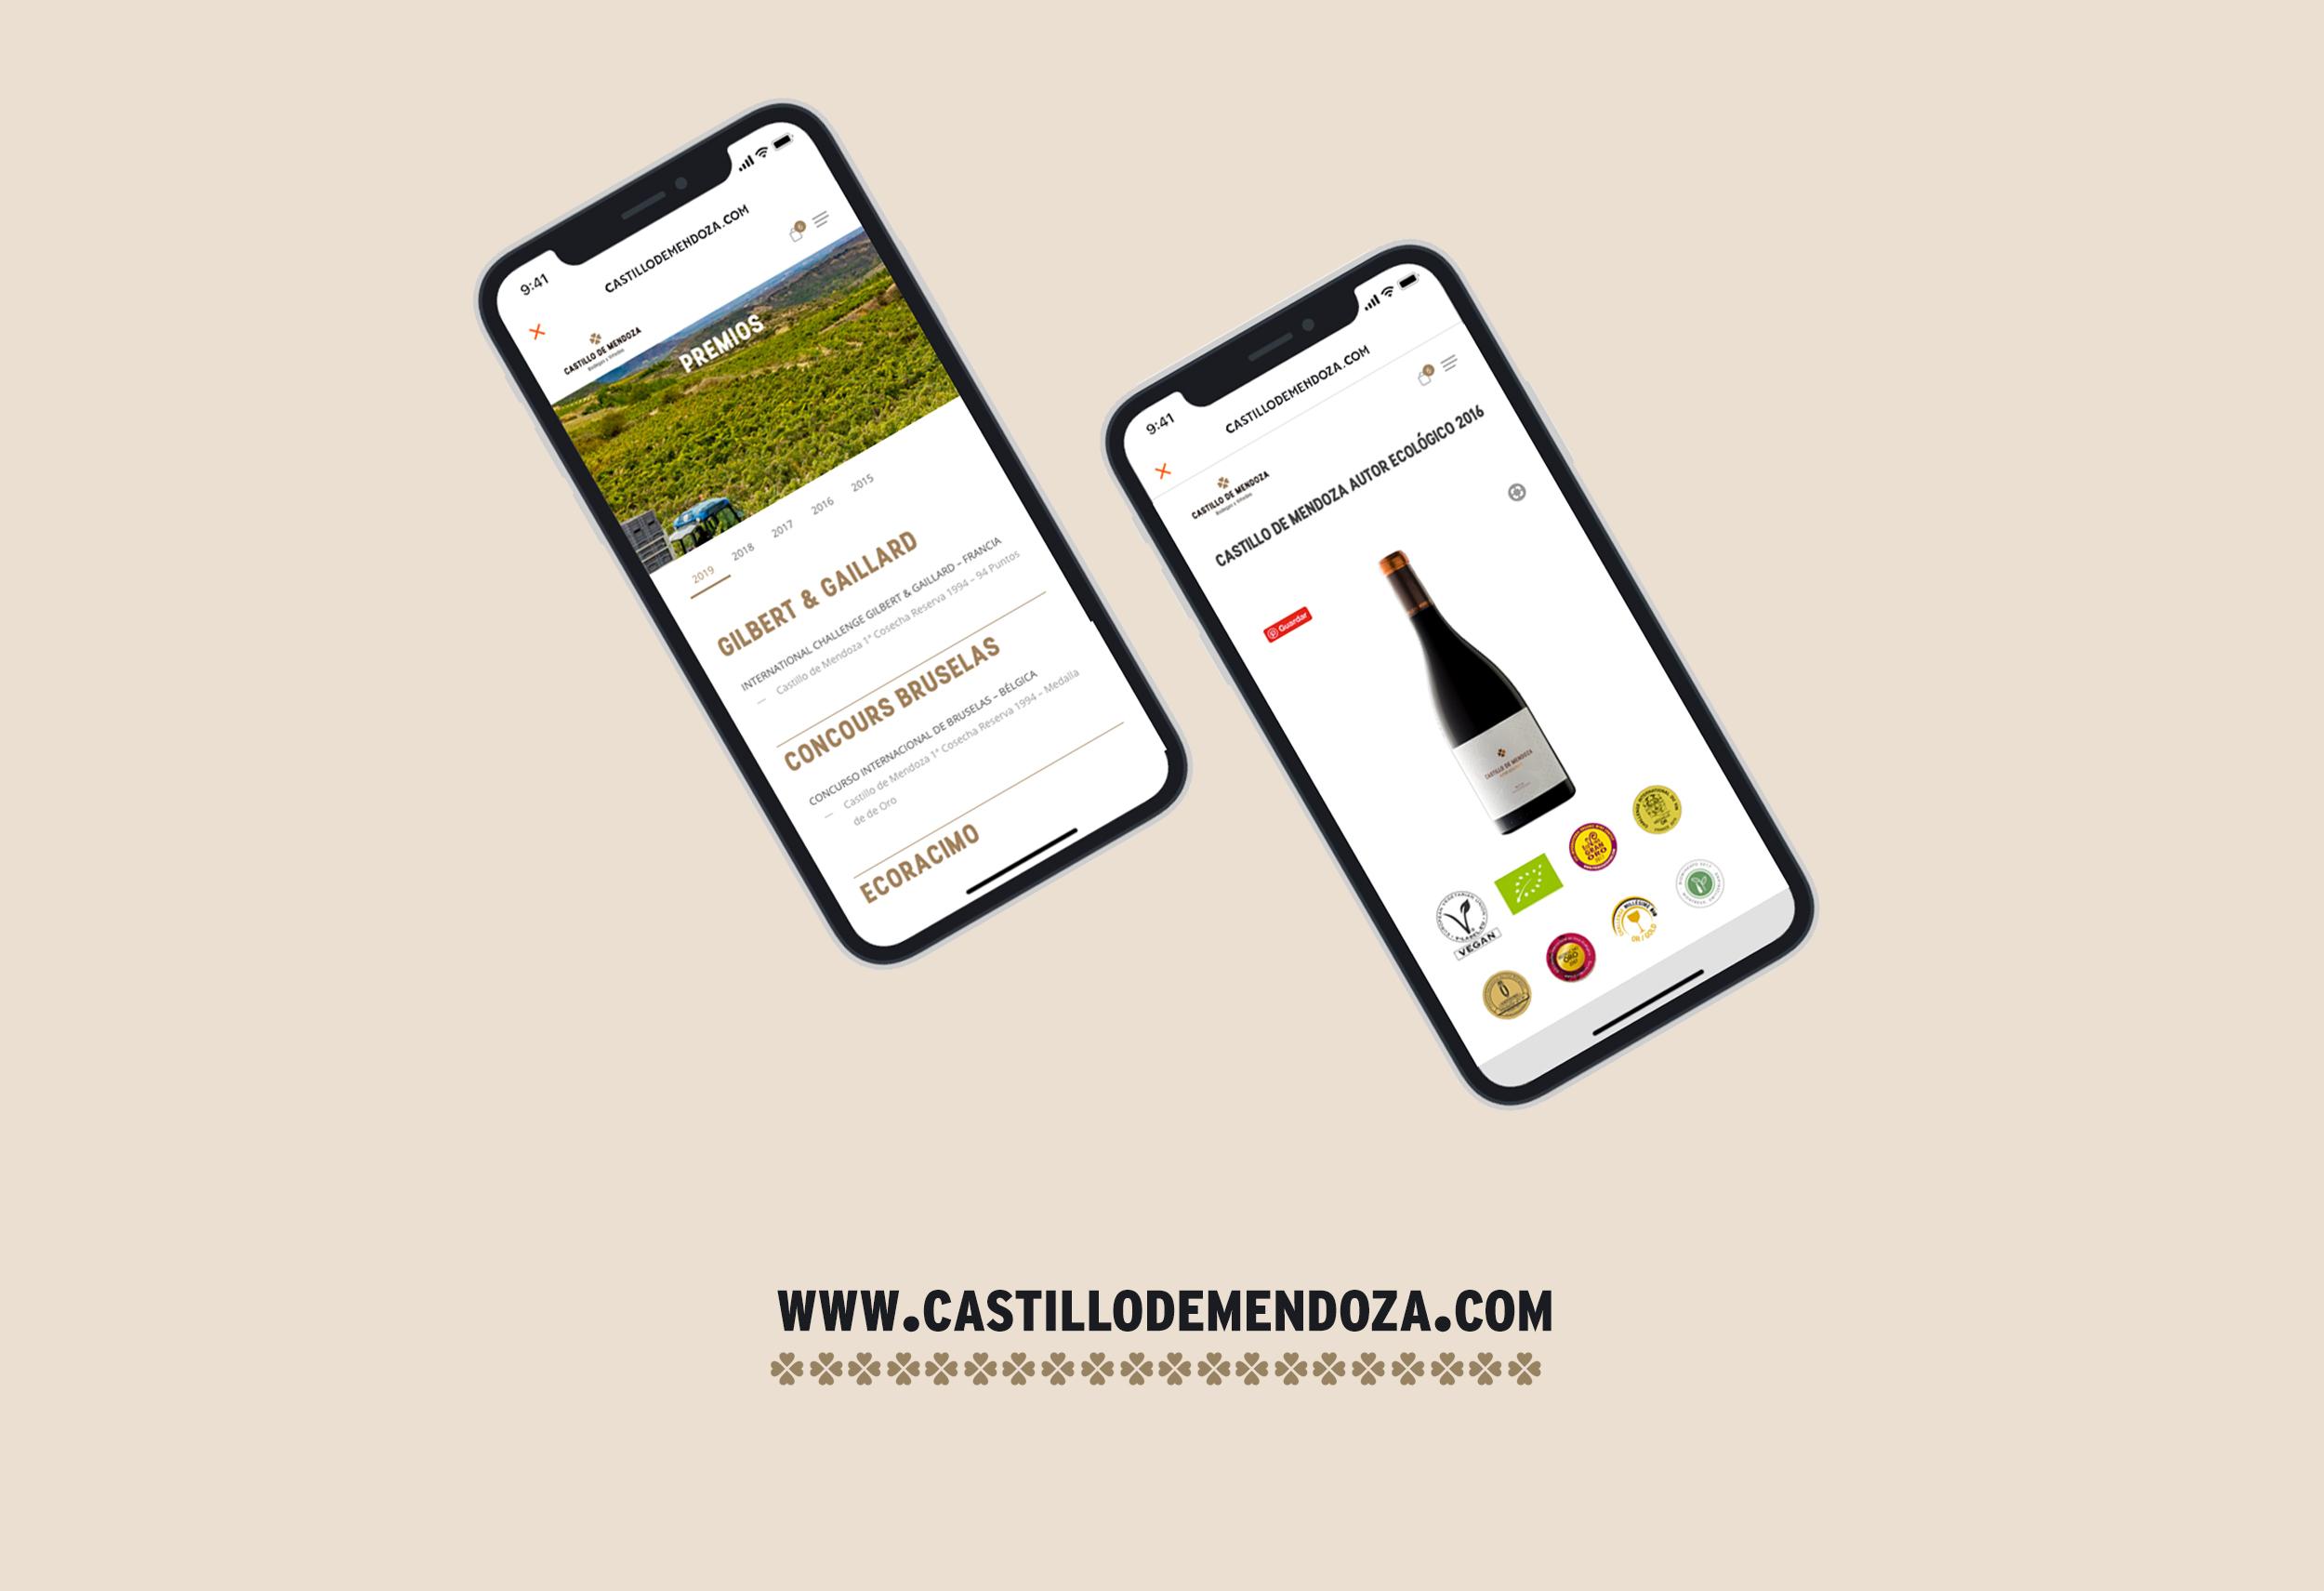 Diseño web versión móvil con tienda online para bodega Riojana en San Vicente de la Sonsierra, bodega Castillo de Mendoza.